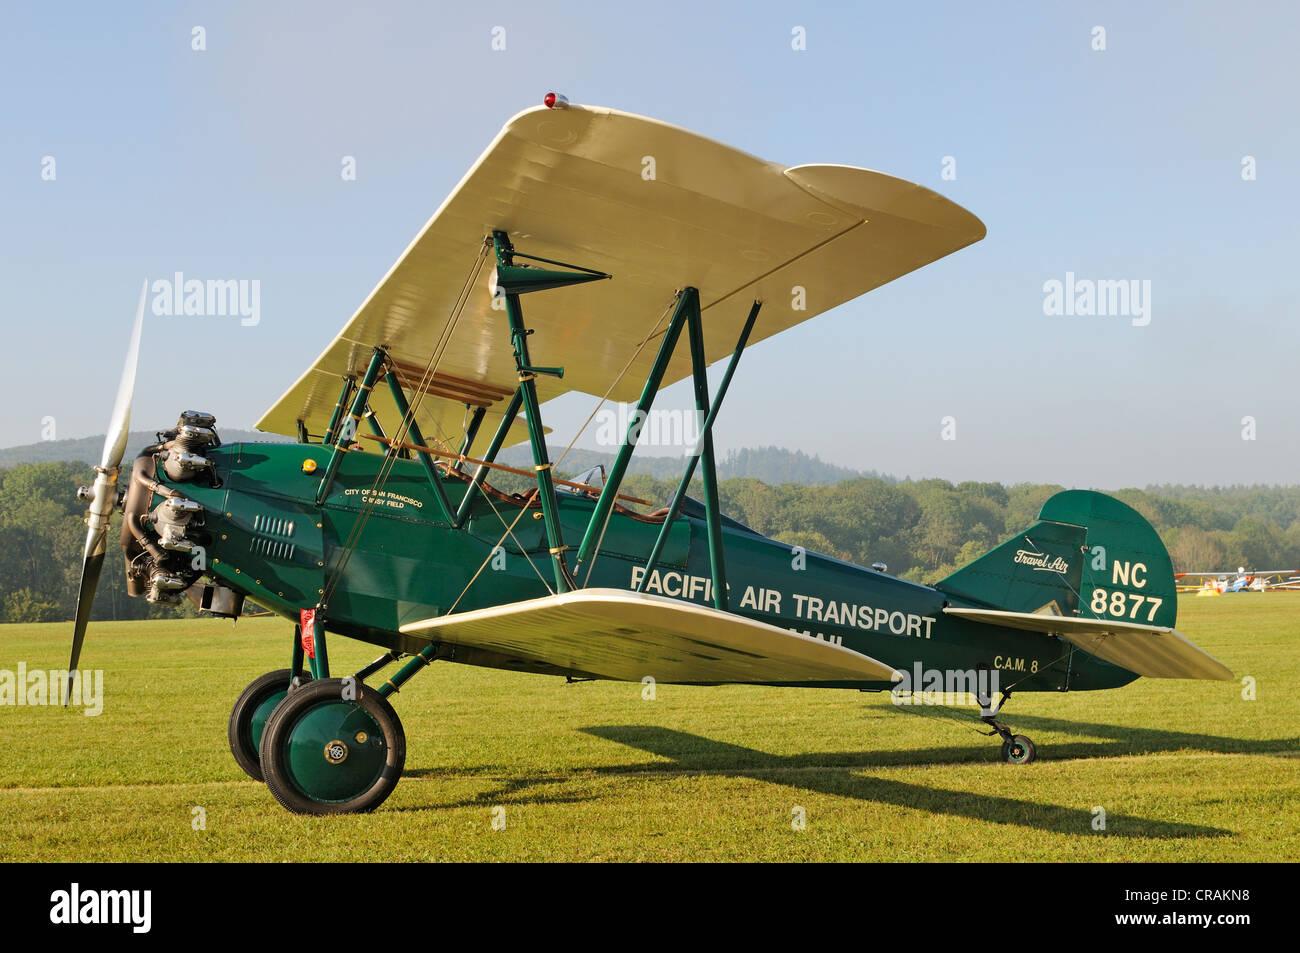 US-American biplano Curtiss Wright aria di viaggio 4000, Europa più grande incontro di aeromobili d'epoca Immagini Stock